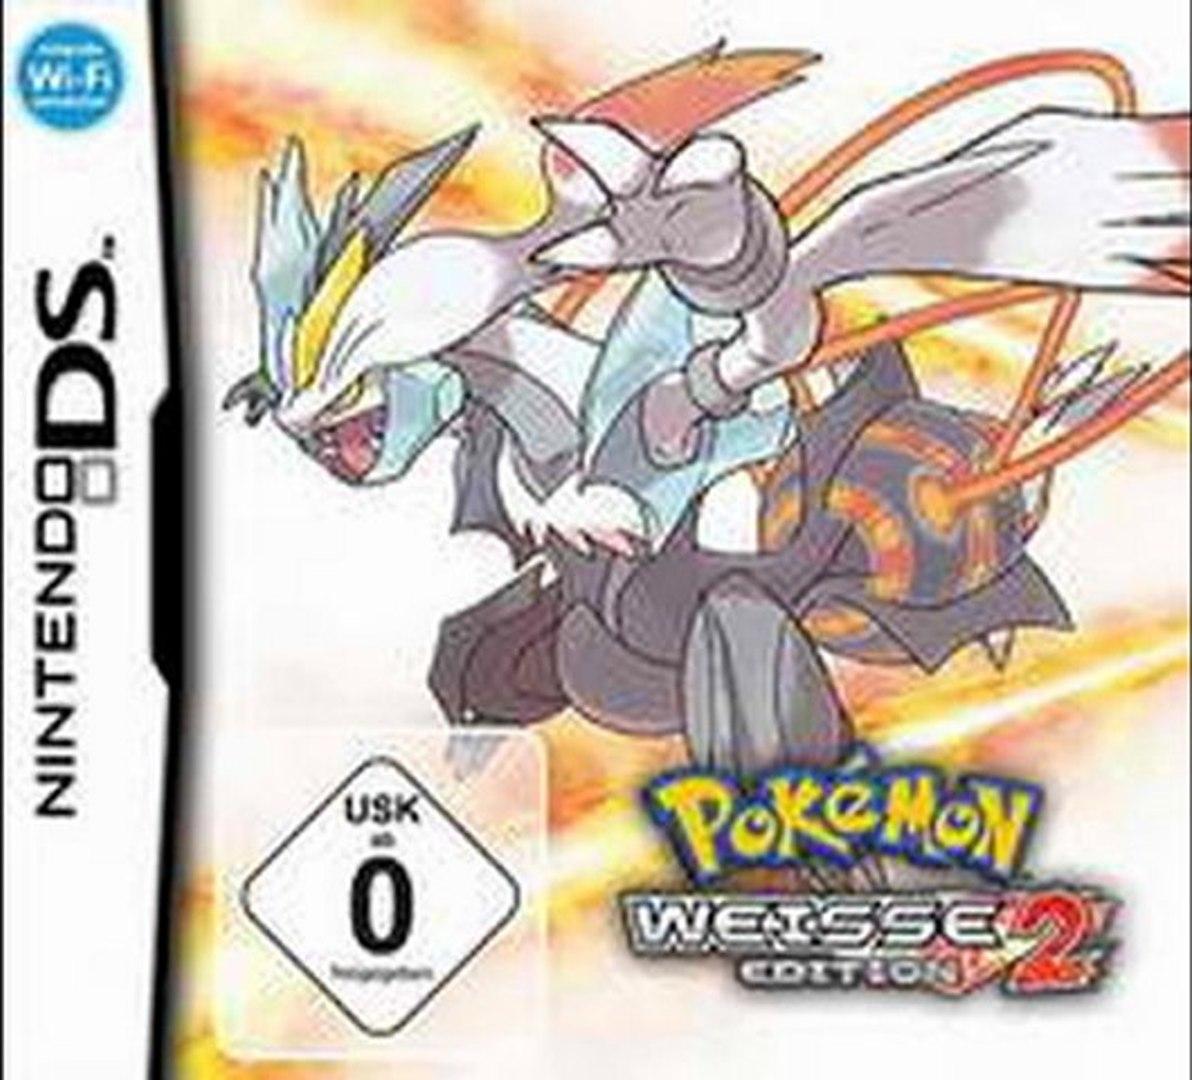 pokemon weiß 2 rom deutsch download